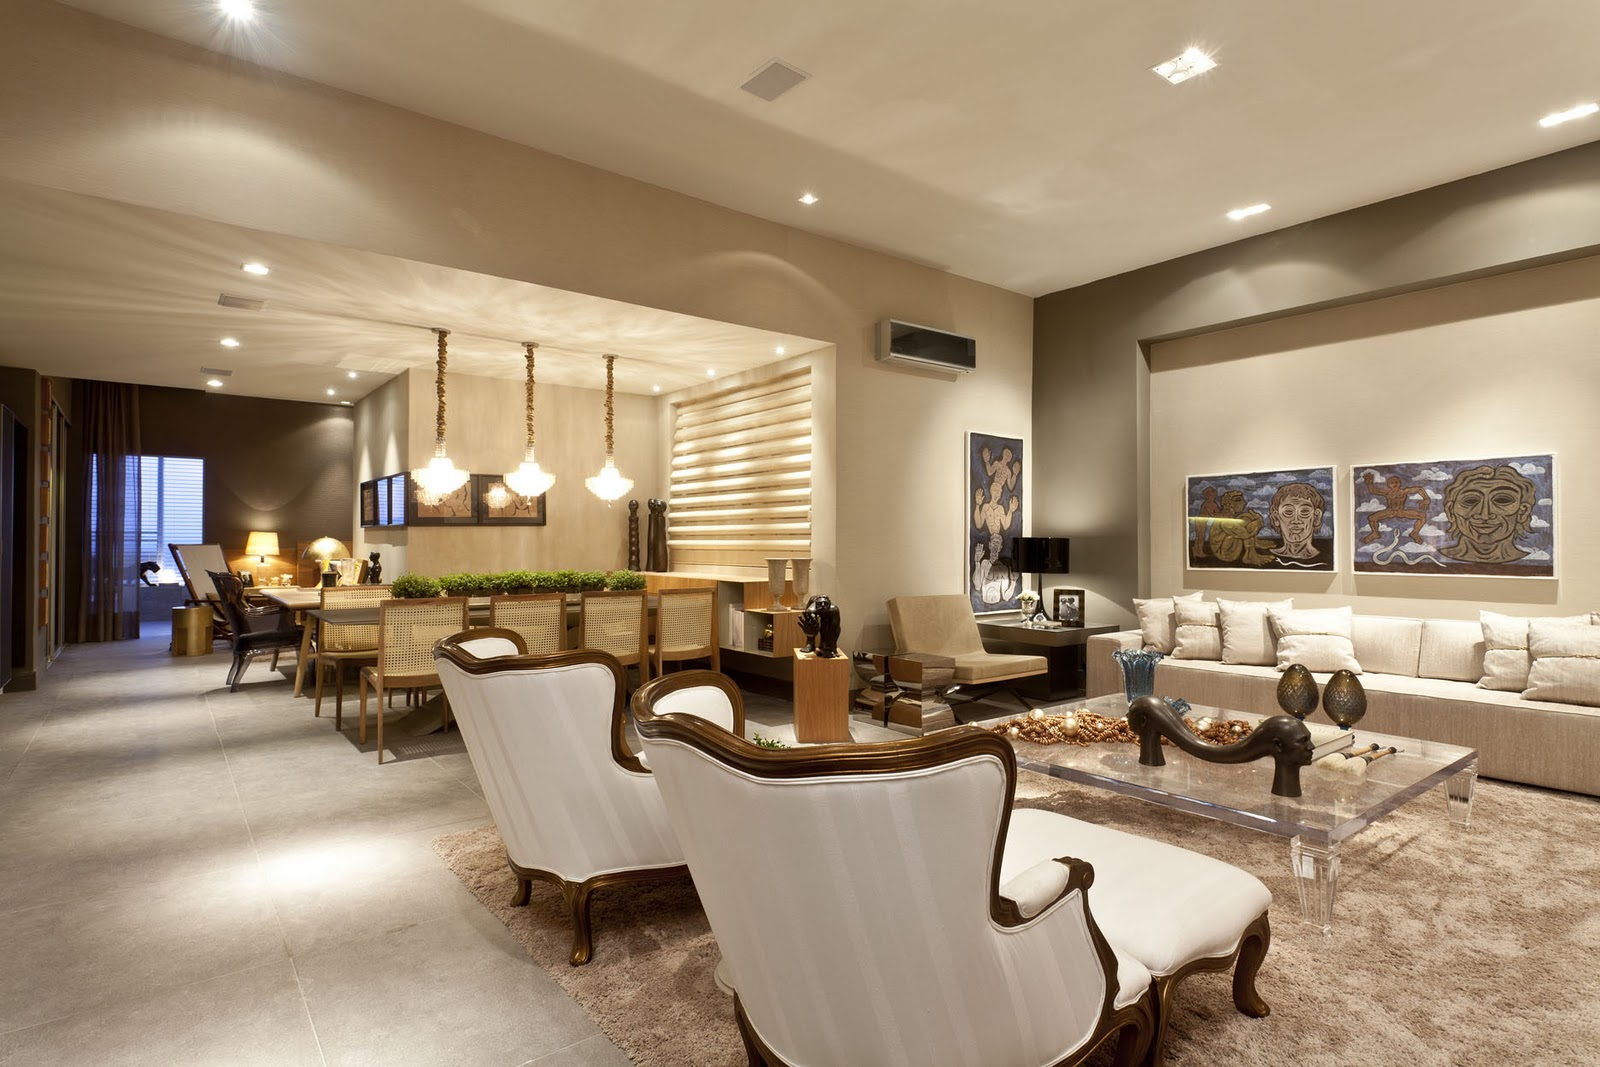 #946D37 Os novos apartamentos estão menores e projetos como este são  1600x1067 píxeis em Conjunto De Sala De Estar Casas Bahia